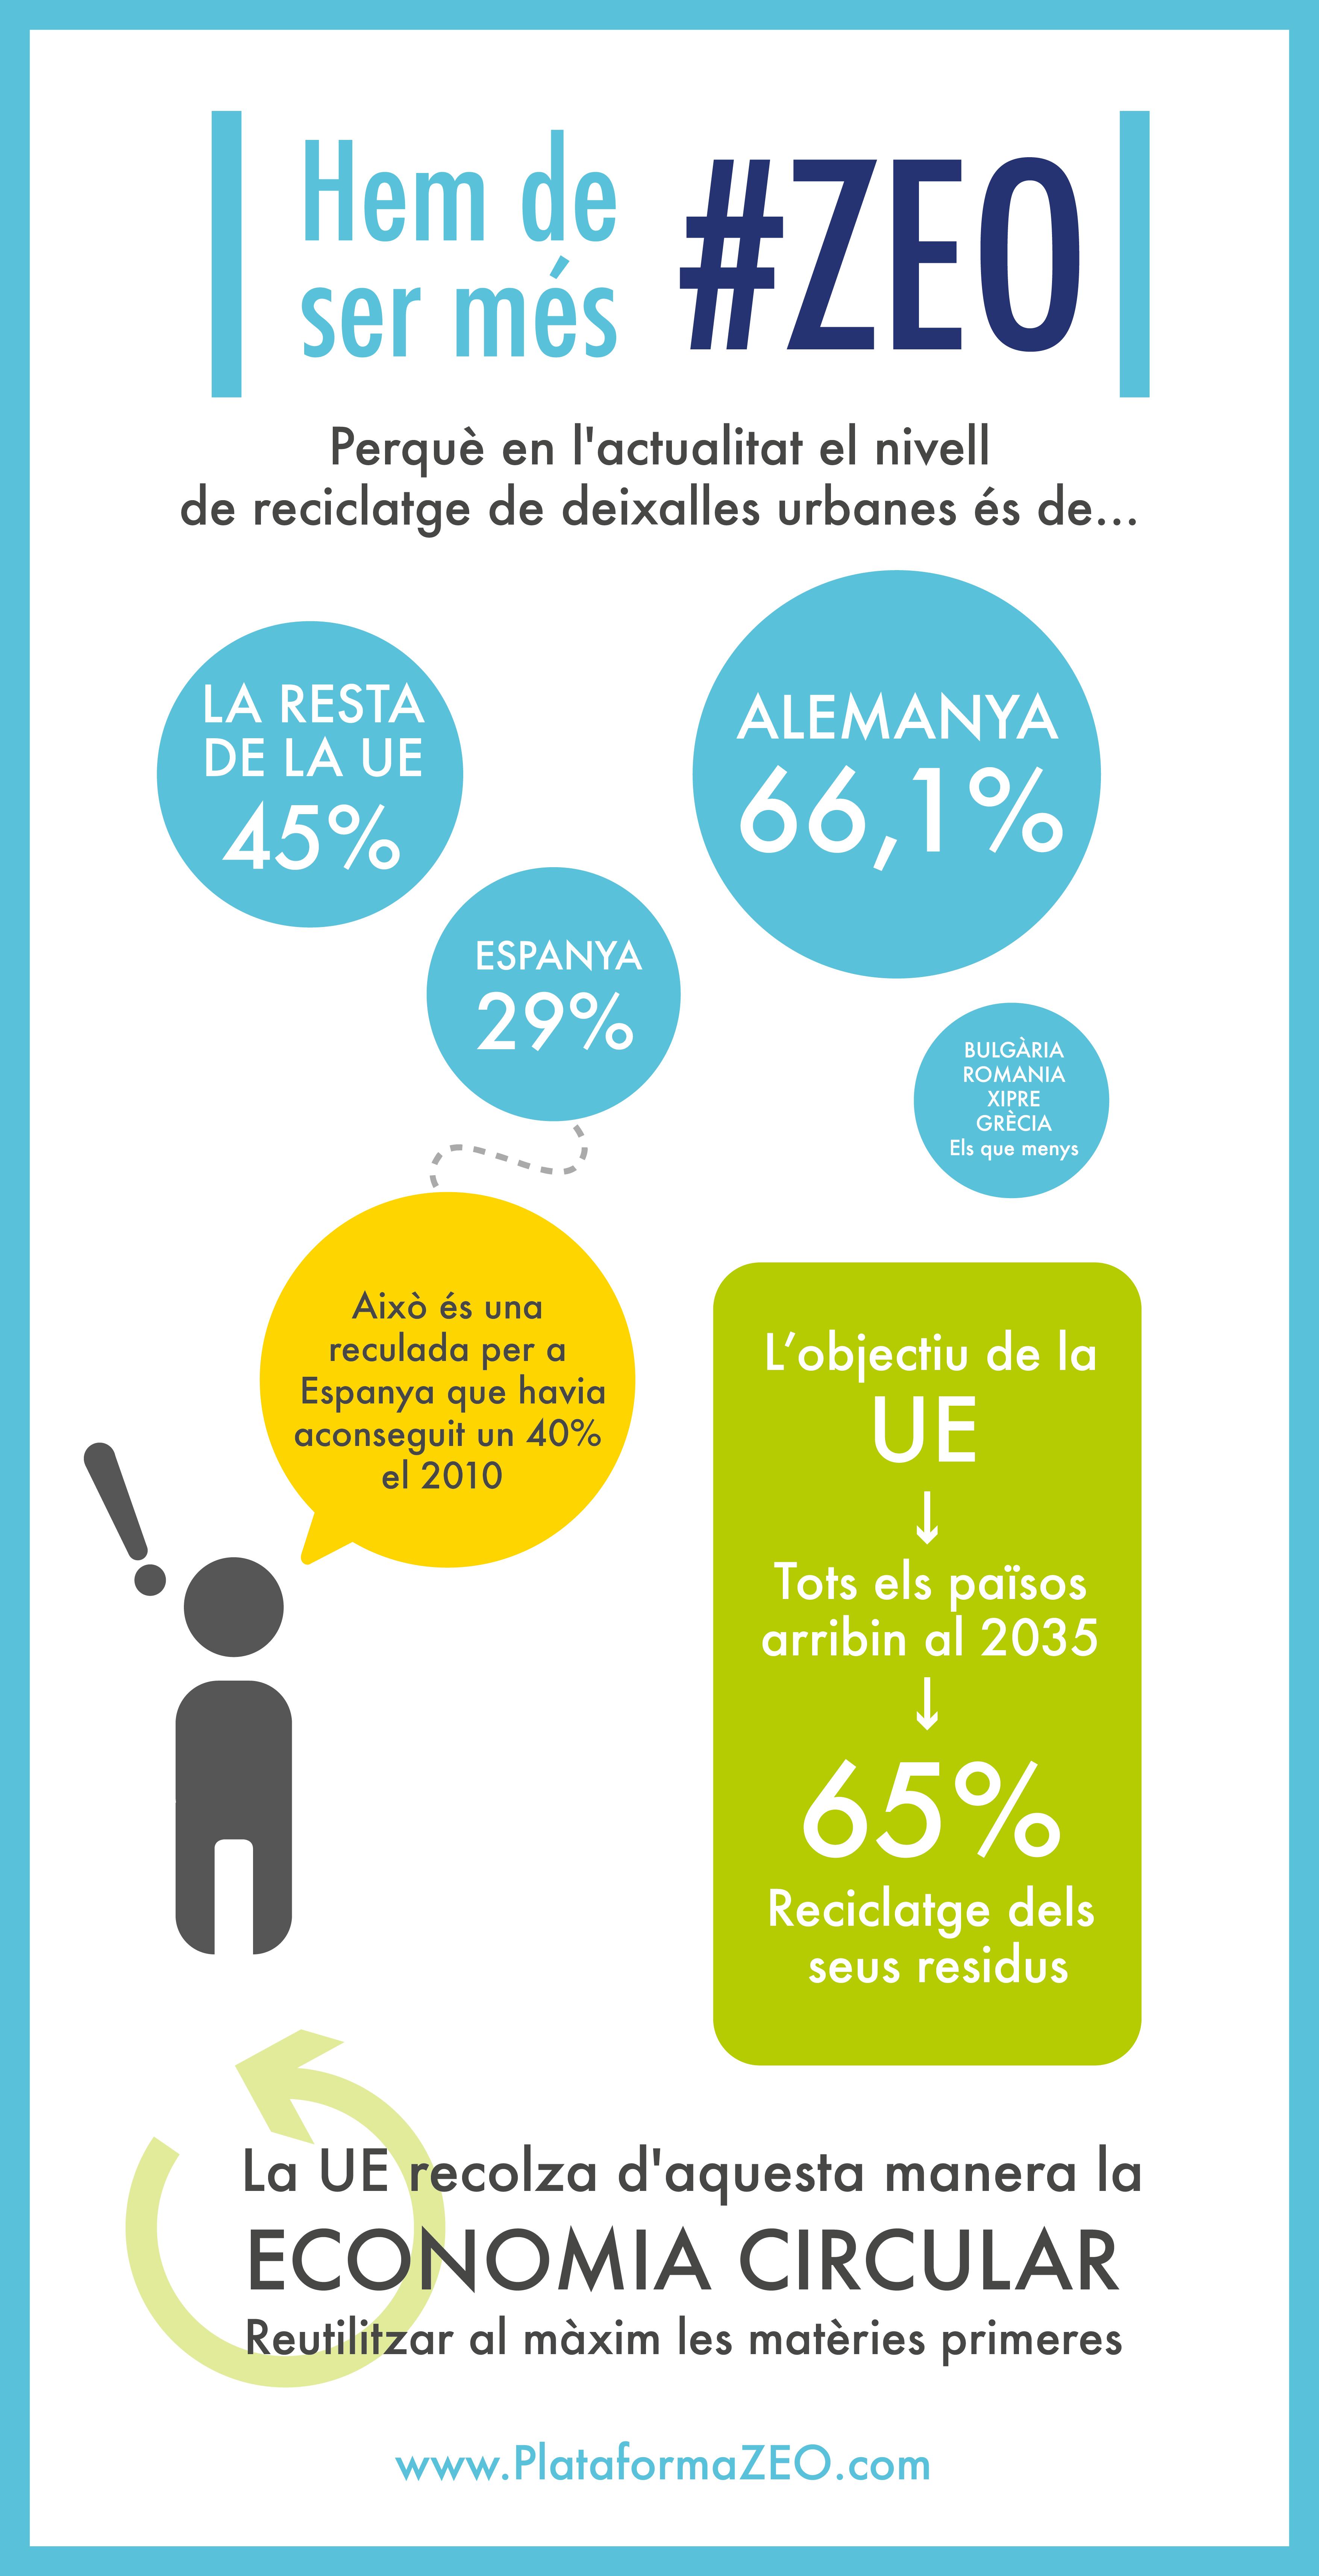 Espanya suspèn en reciclatge respecte a la resta de païssos de la Unió Europea